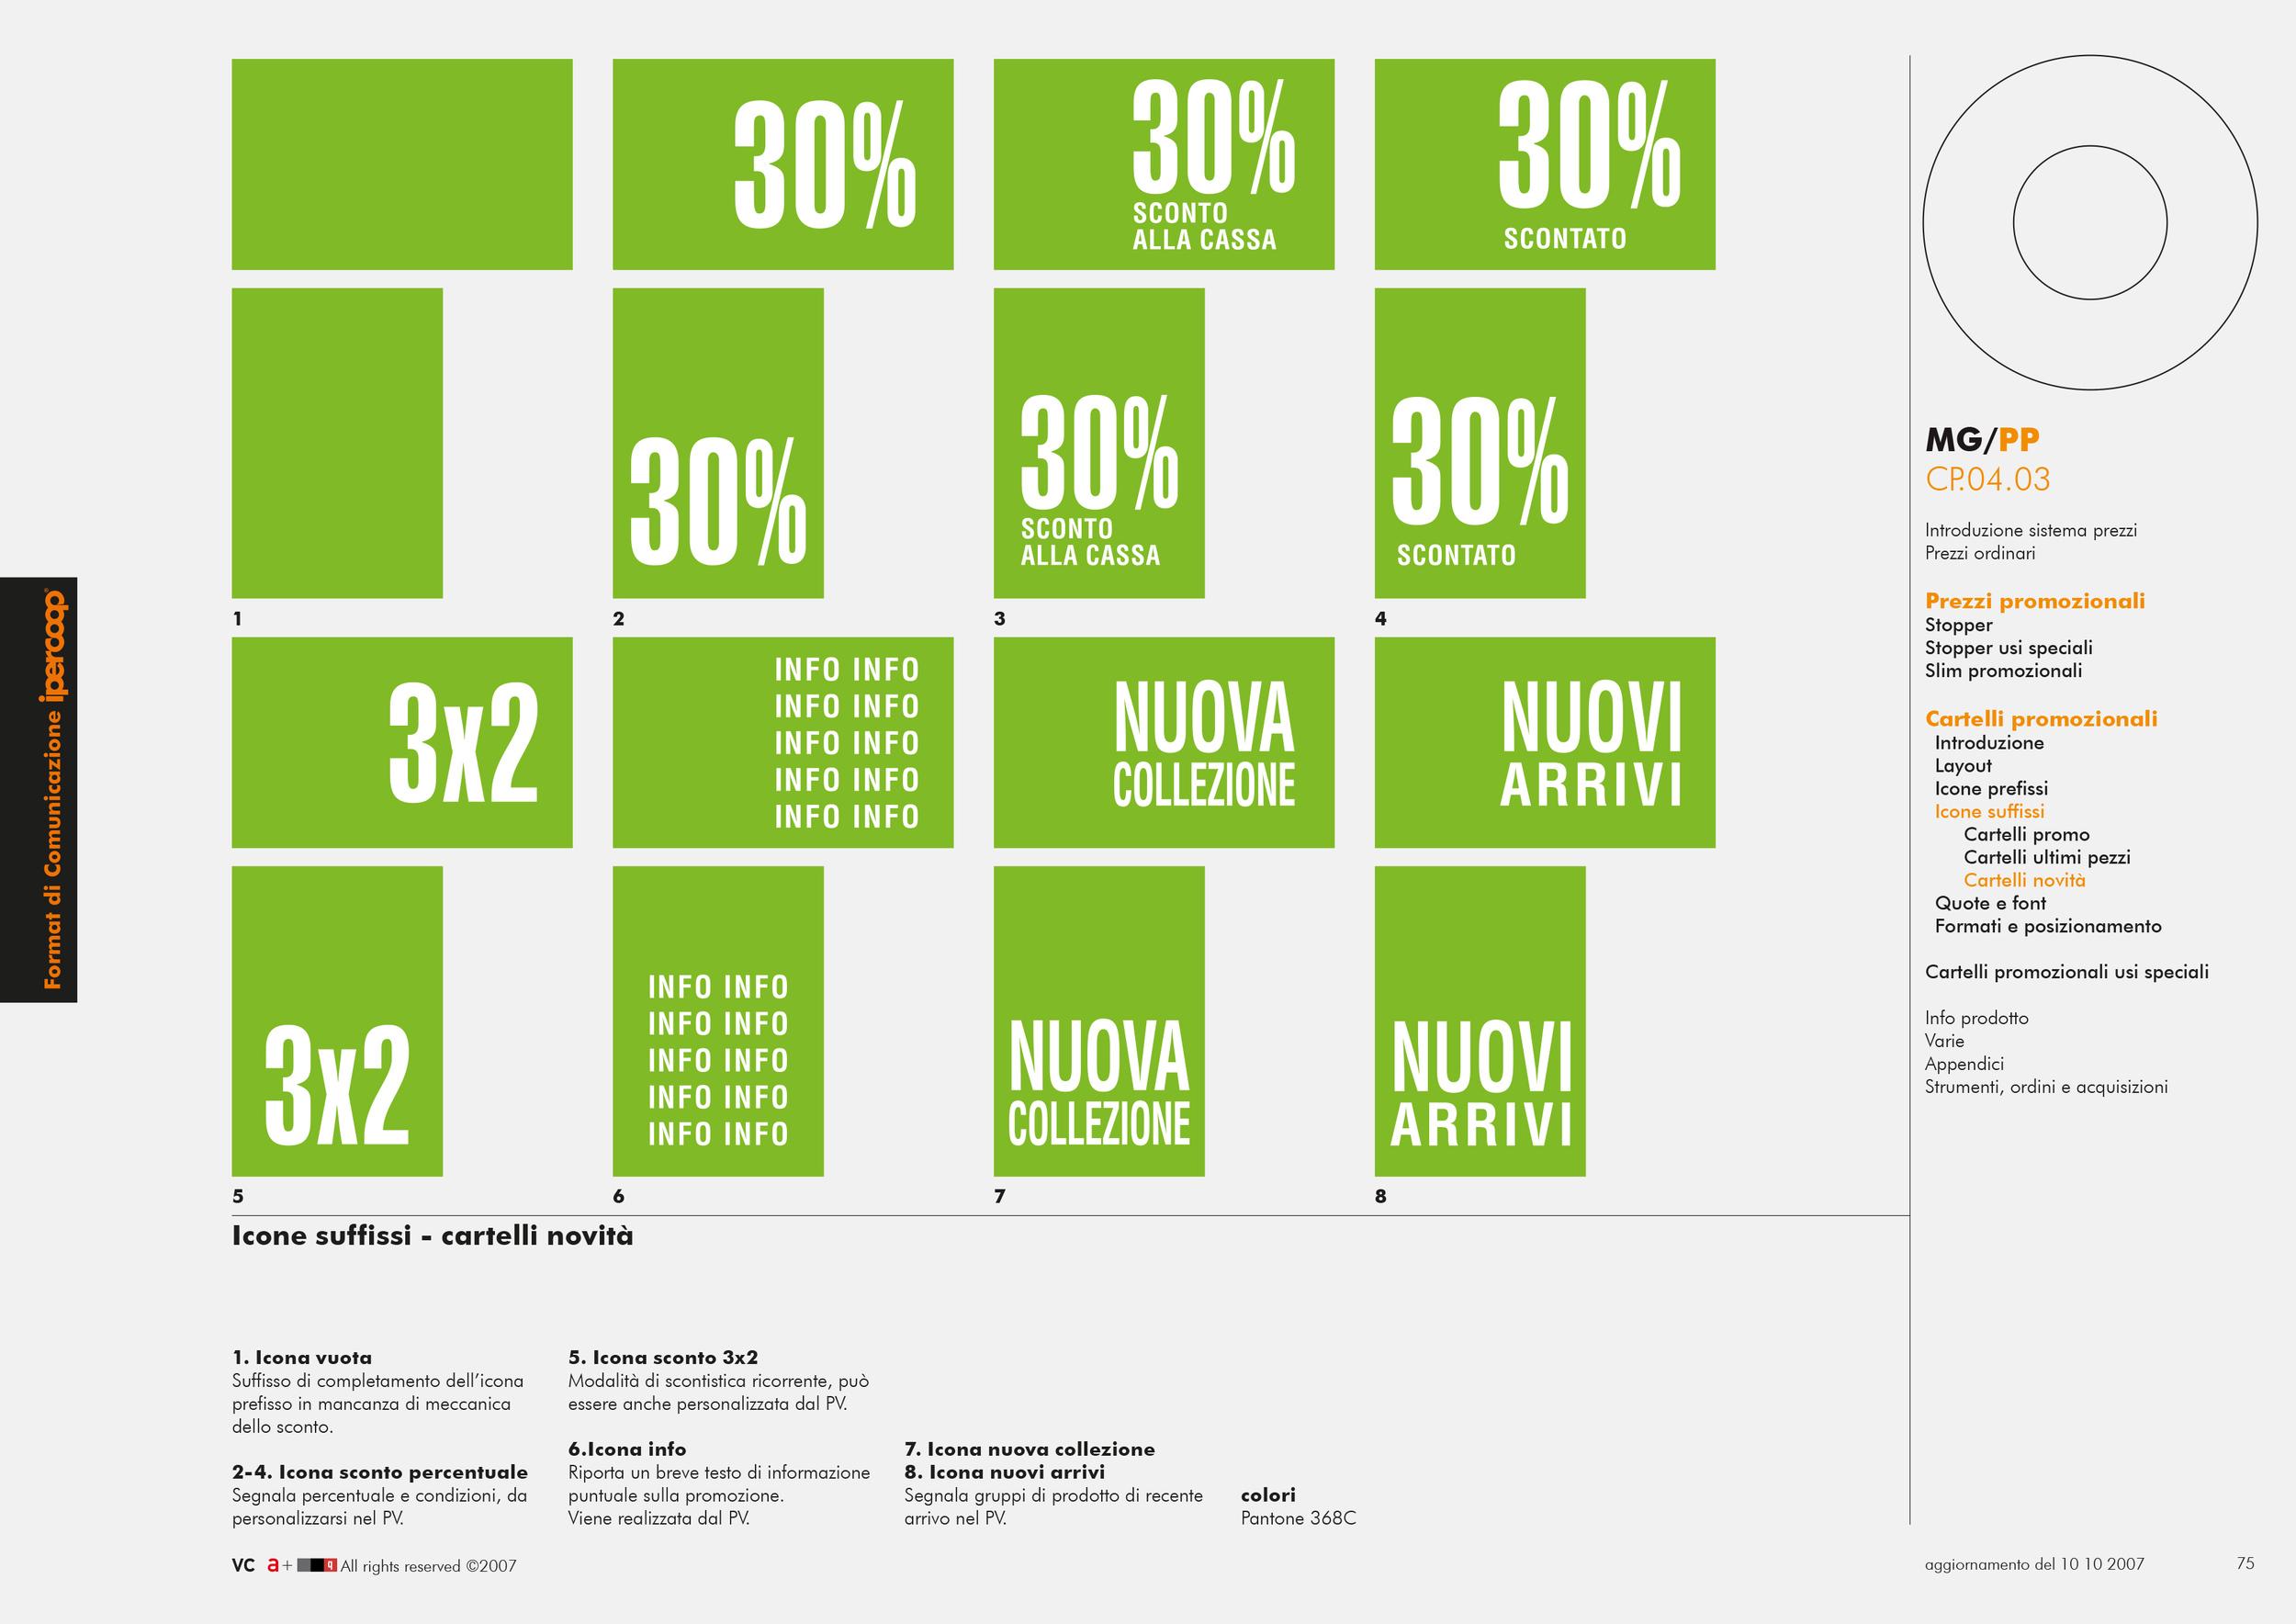 manuale-GRAFICO-20.jpg